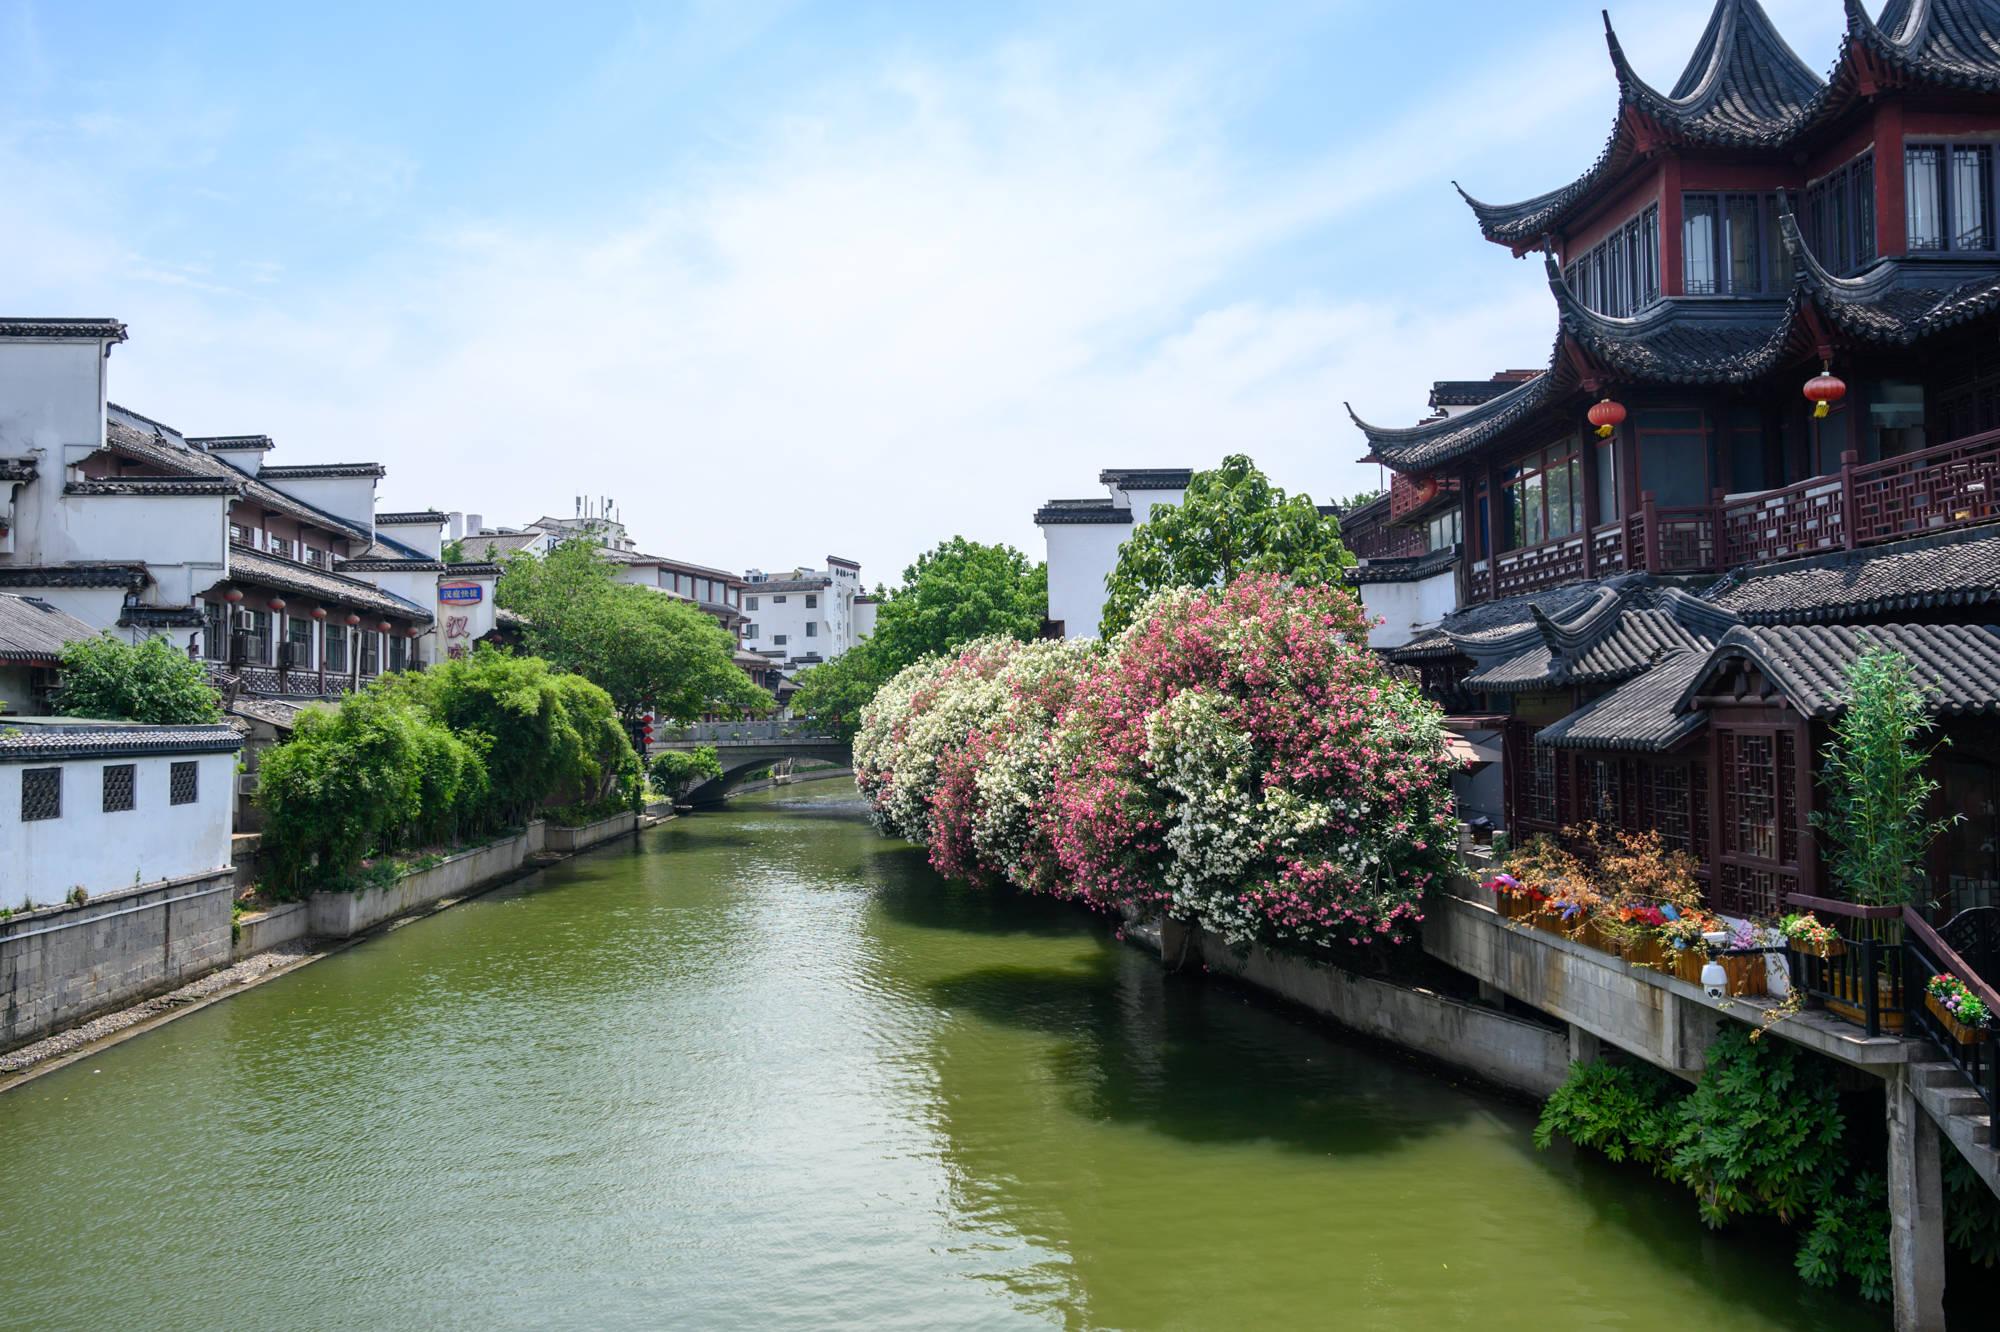 南京旅游必打卡的景点,都是国家5A景区,景美且文化底蕴深厚